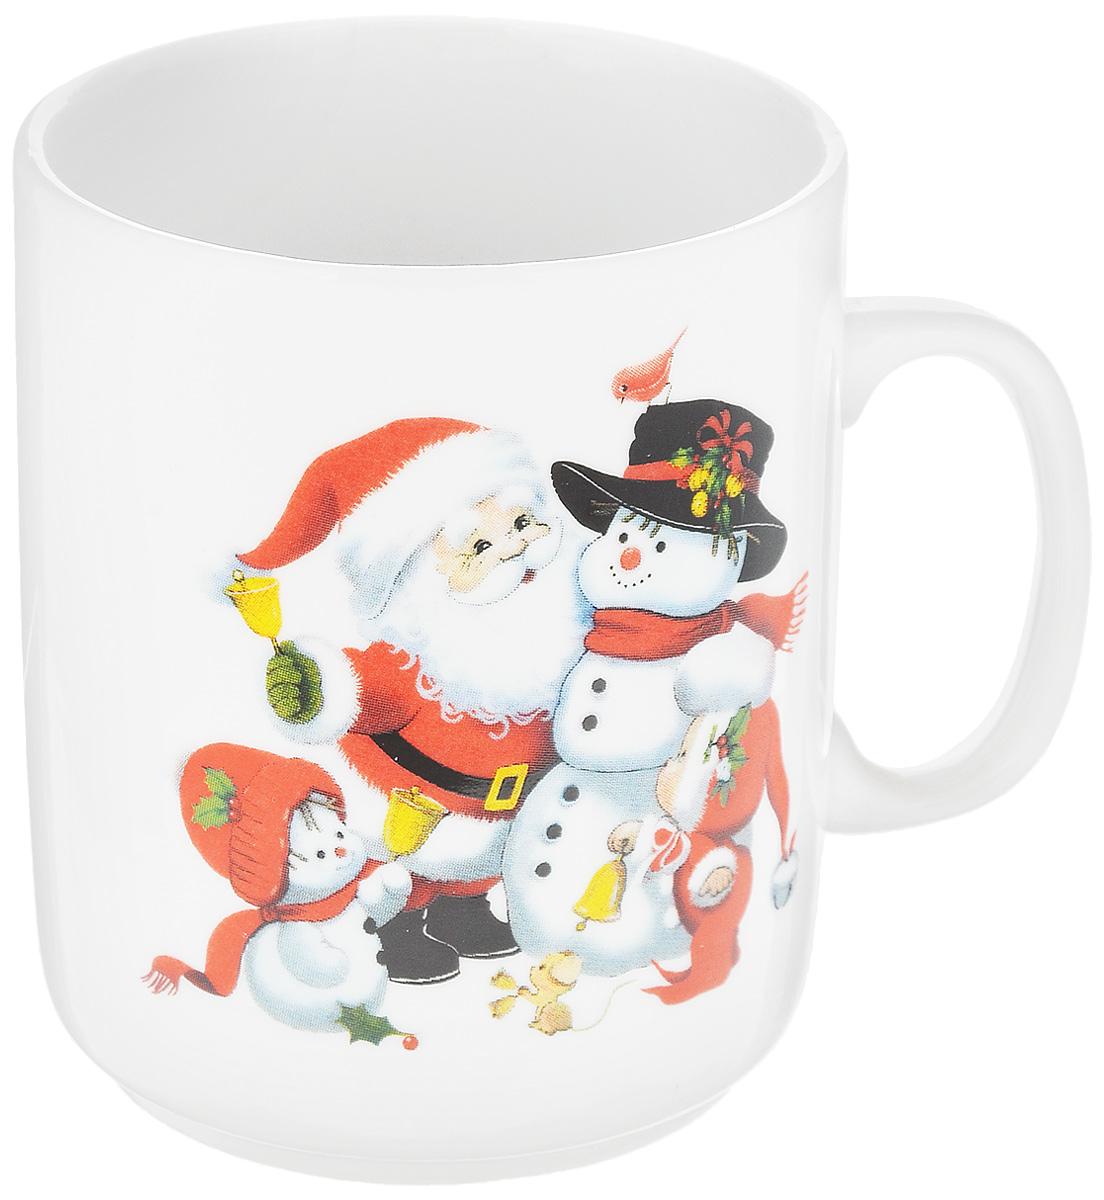 Кружка Фарфор Вербилок Дед Мороз, 300 мл9272120Кружка Фарфор Вербилок Дед Мороз способна скрасить любое чаепитие. Изделие выполнено из высококачественного фарфора. Посуда из такого материала позволяет сохранить истинный вкус напитка, а также помогает ему дольше оставаться теплым.Диаметр по верхнему краю: 7,5 см.Высота кружки: 10 см.